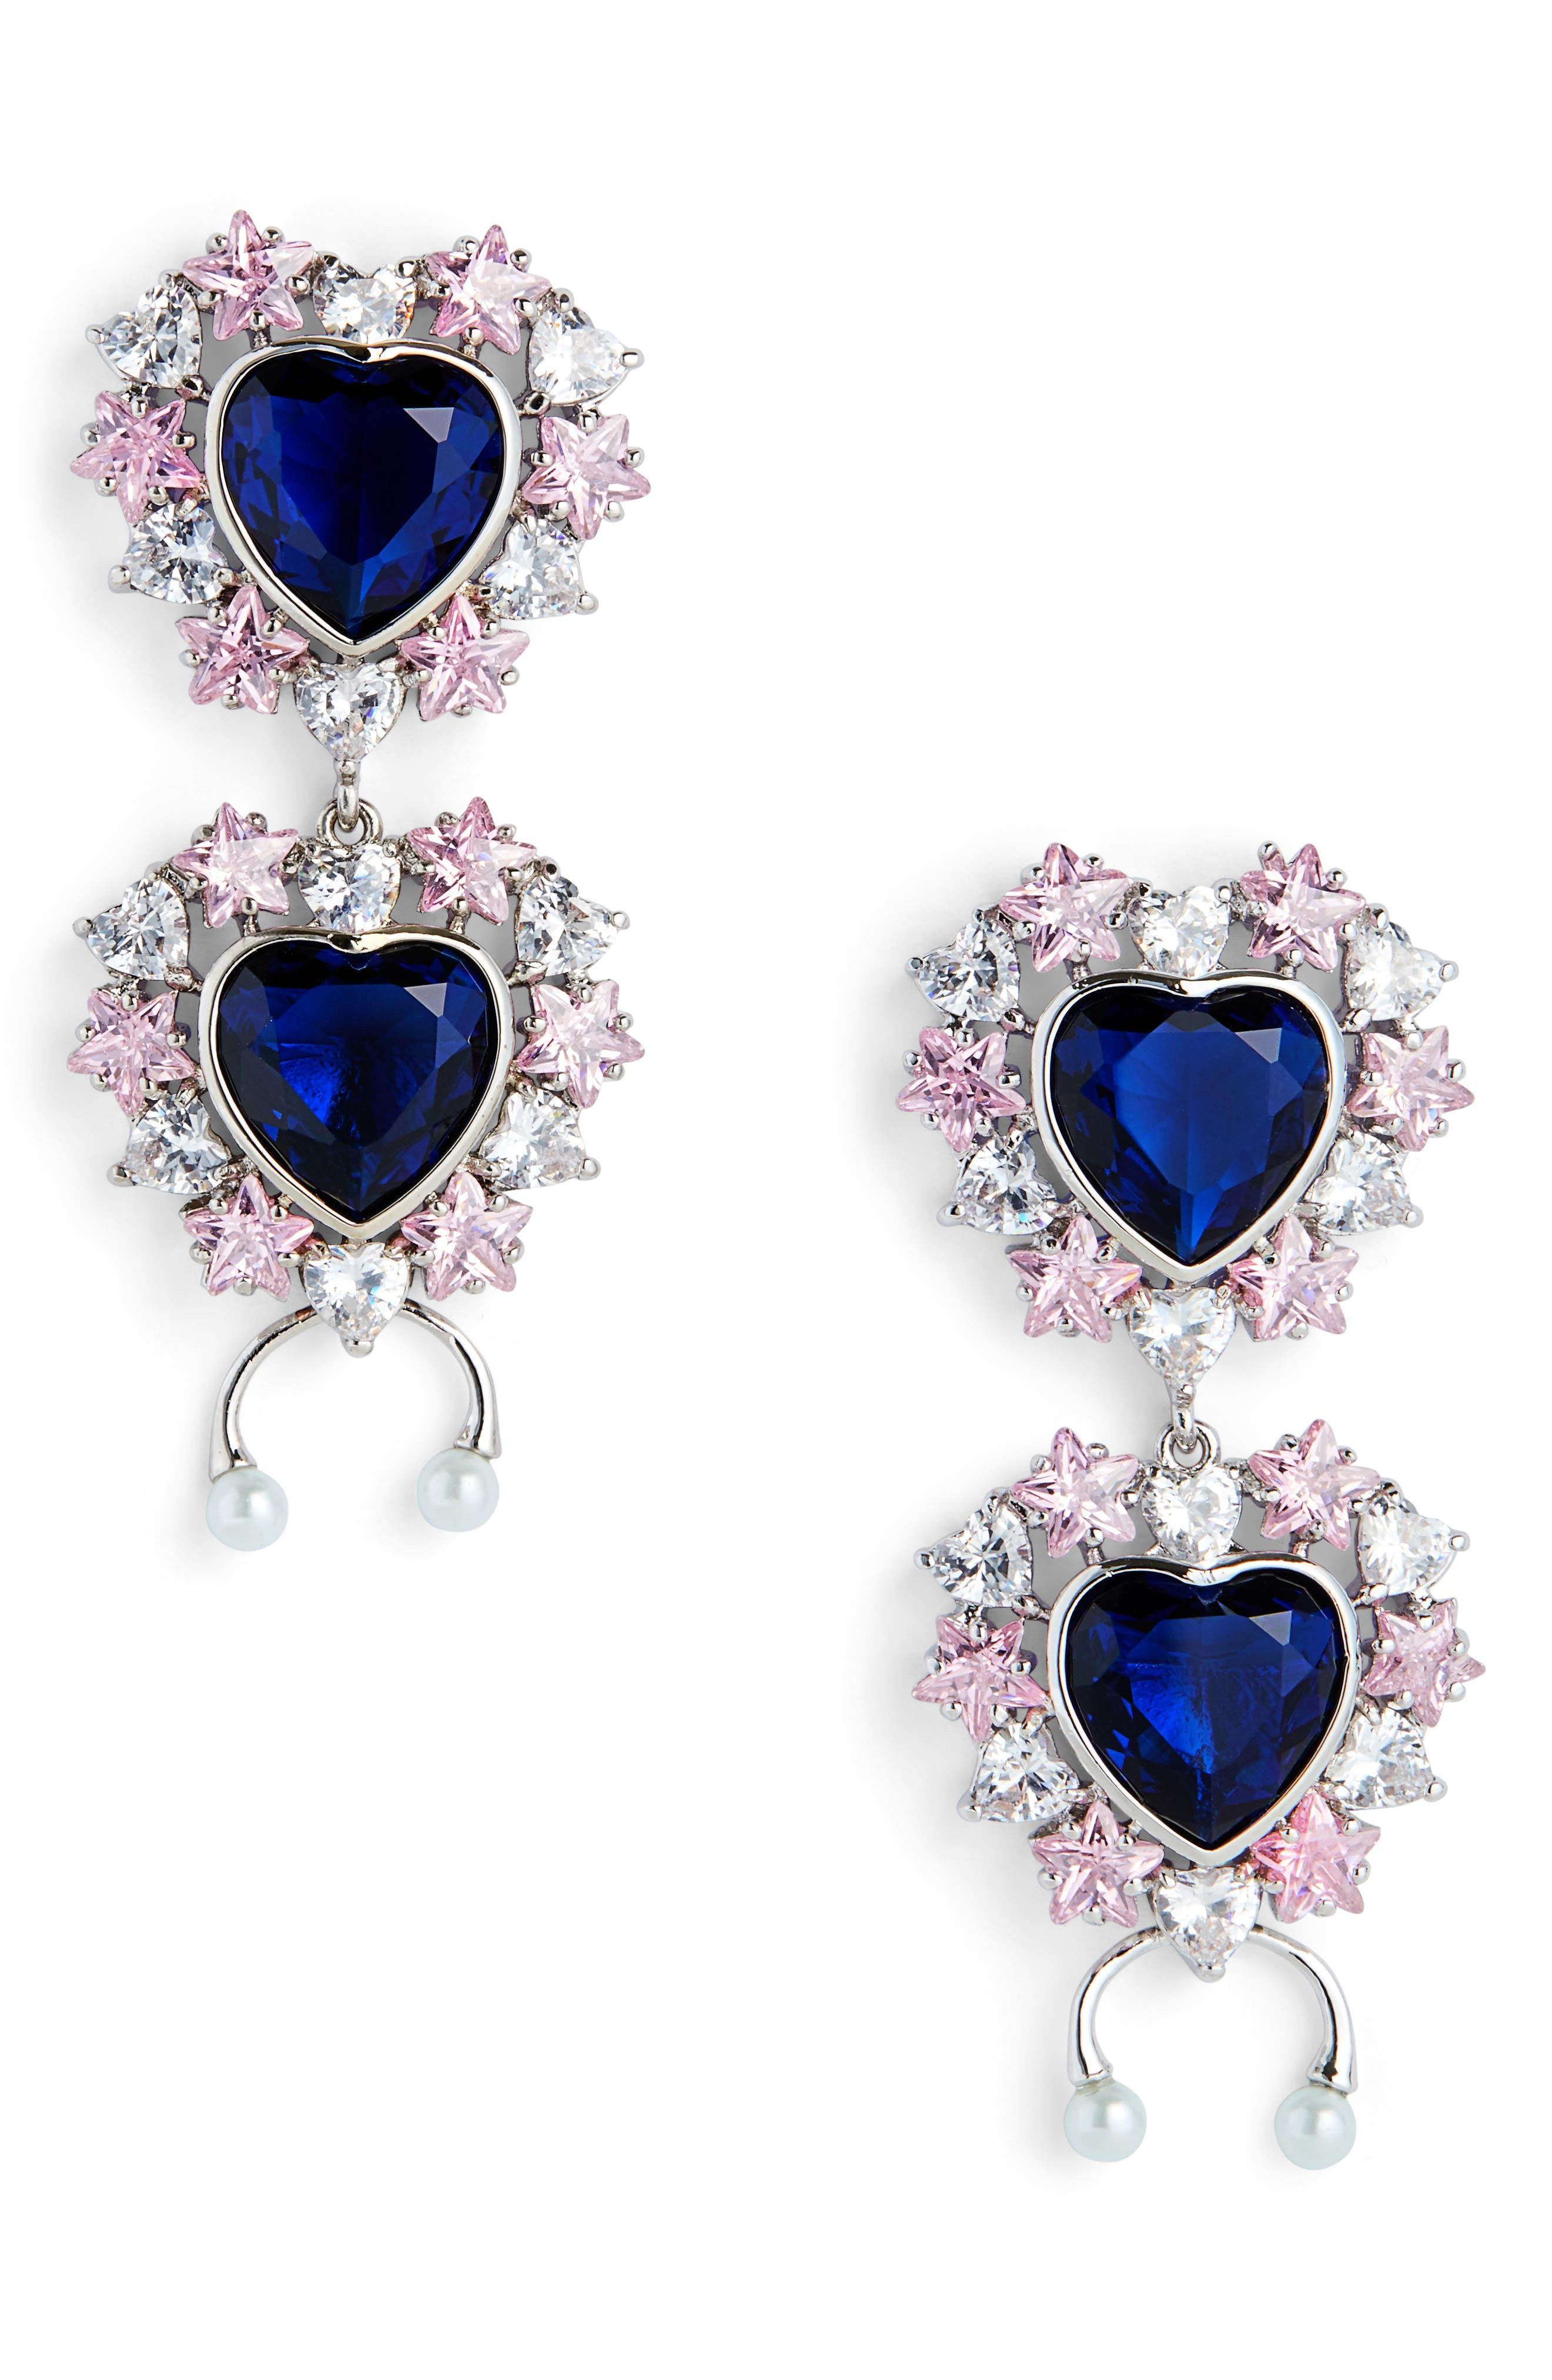 JIWINAIA Studded Heart Earrings in Rhodium Brass